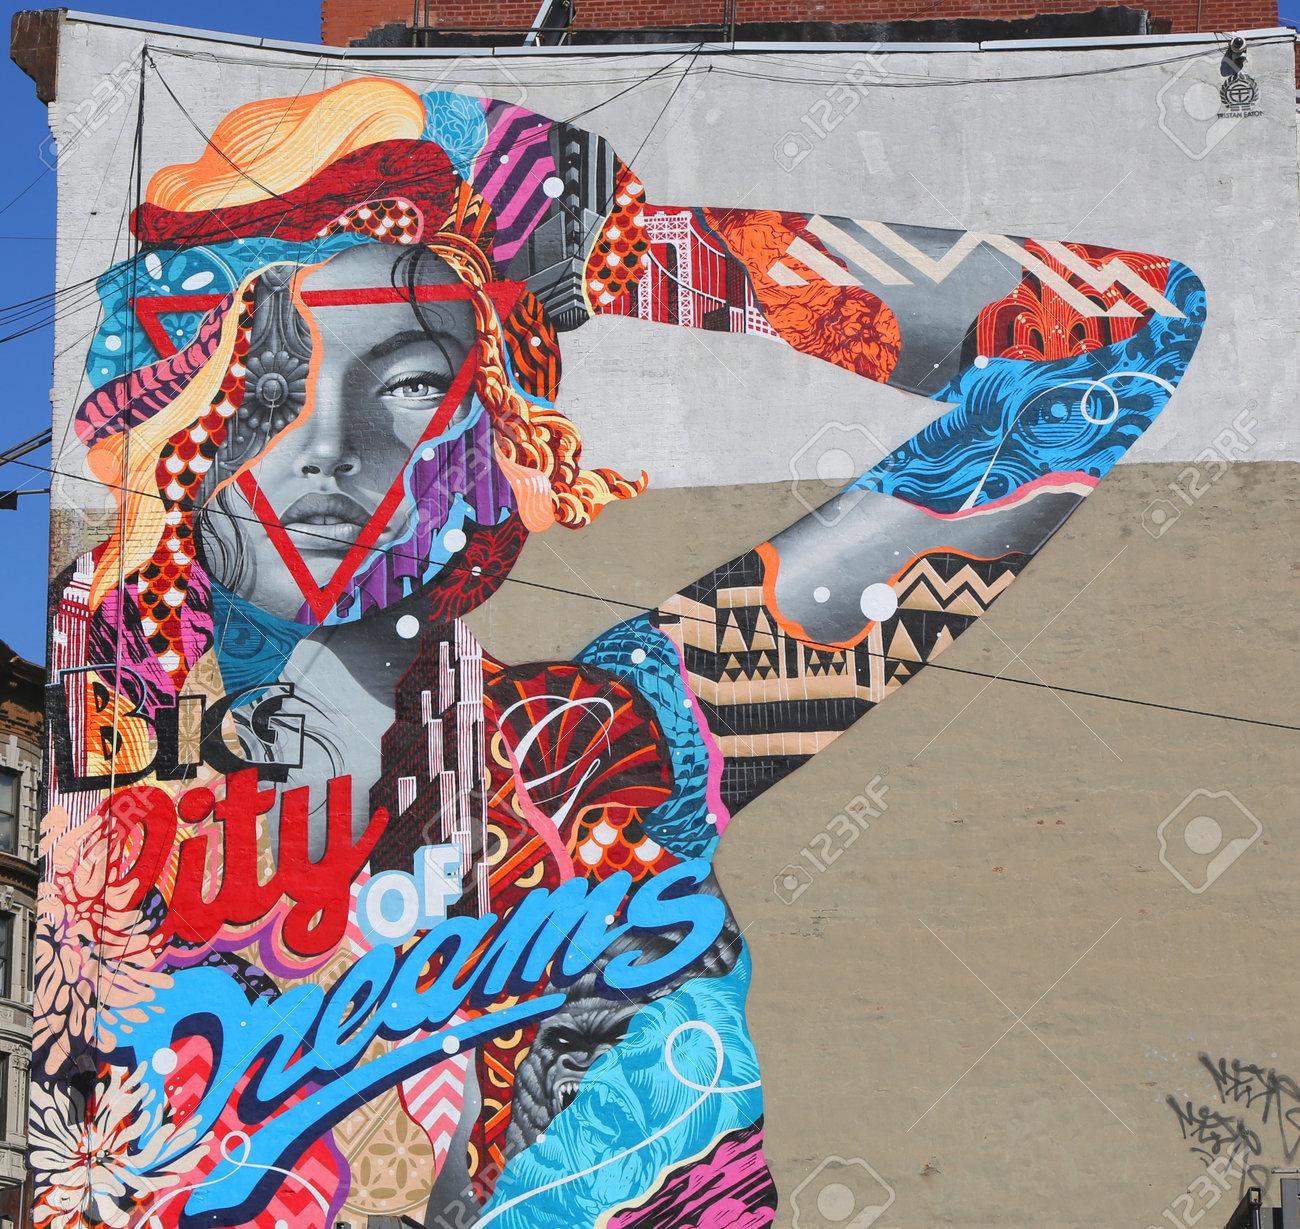 Después de ese tiempo, necesitas una licencia de manejar válida del nys. New York May 14 2015 Mural Art City Of Dreams By Tristan Eaton In Little Italy Stock Photo Picture And Royalty Free Image Image 39885904